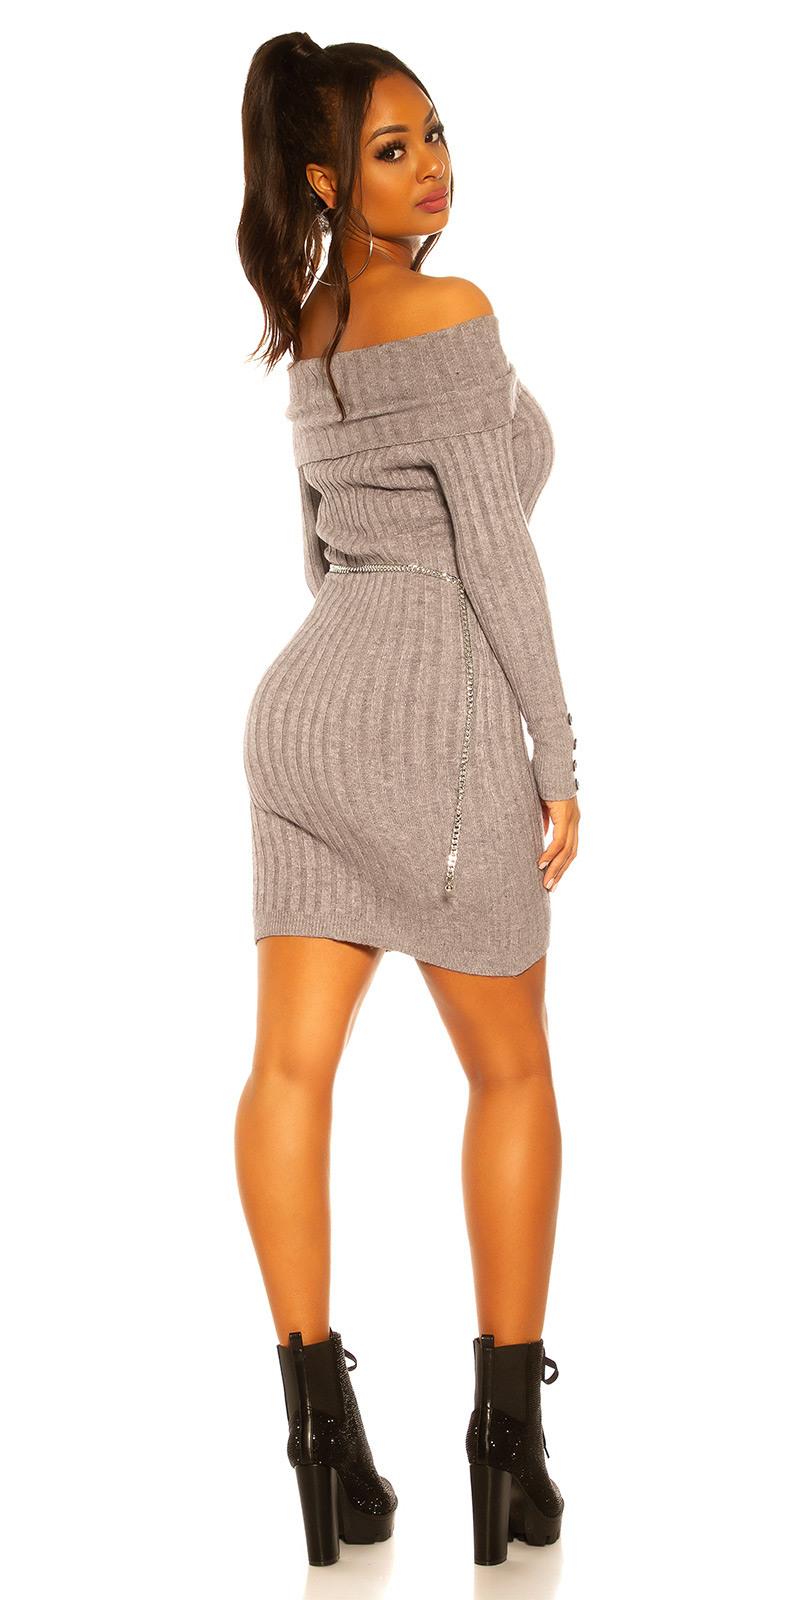 Off Shoulder Strickkleid Mit Attraktiven Kragen Pullover